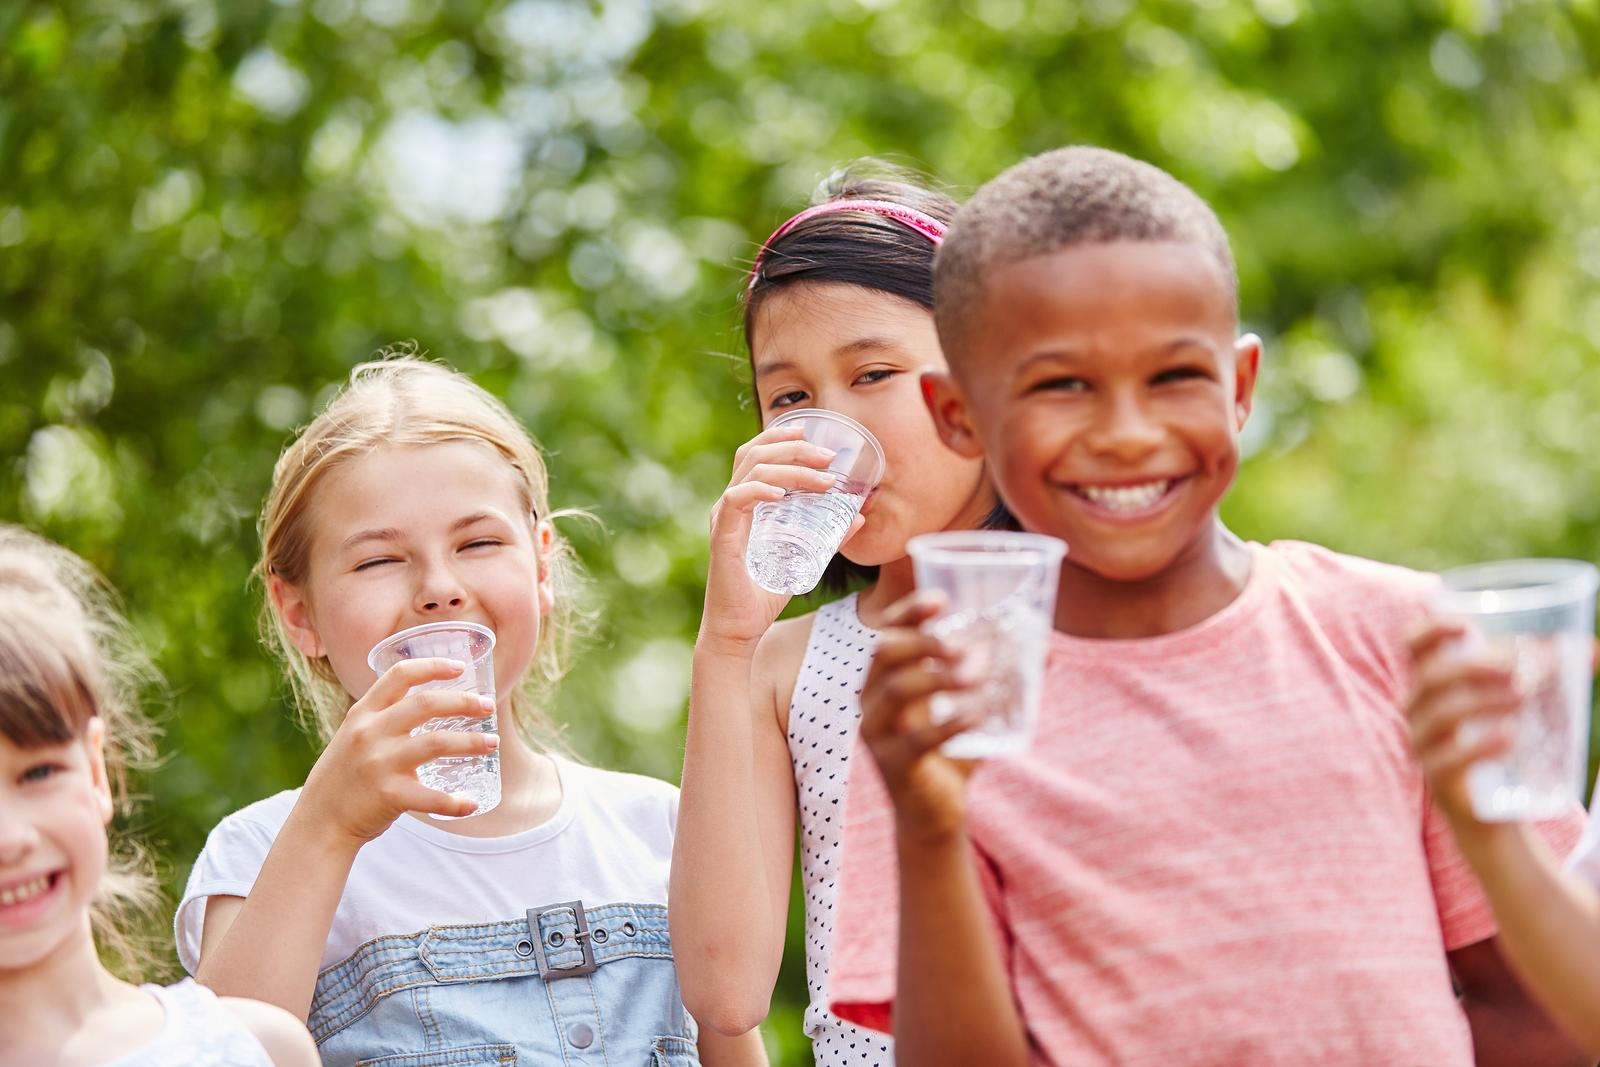 Happy children drink clean water